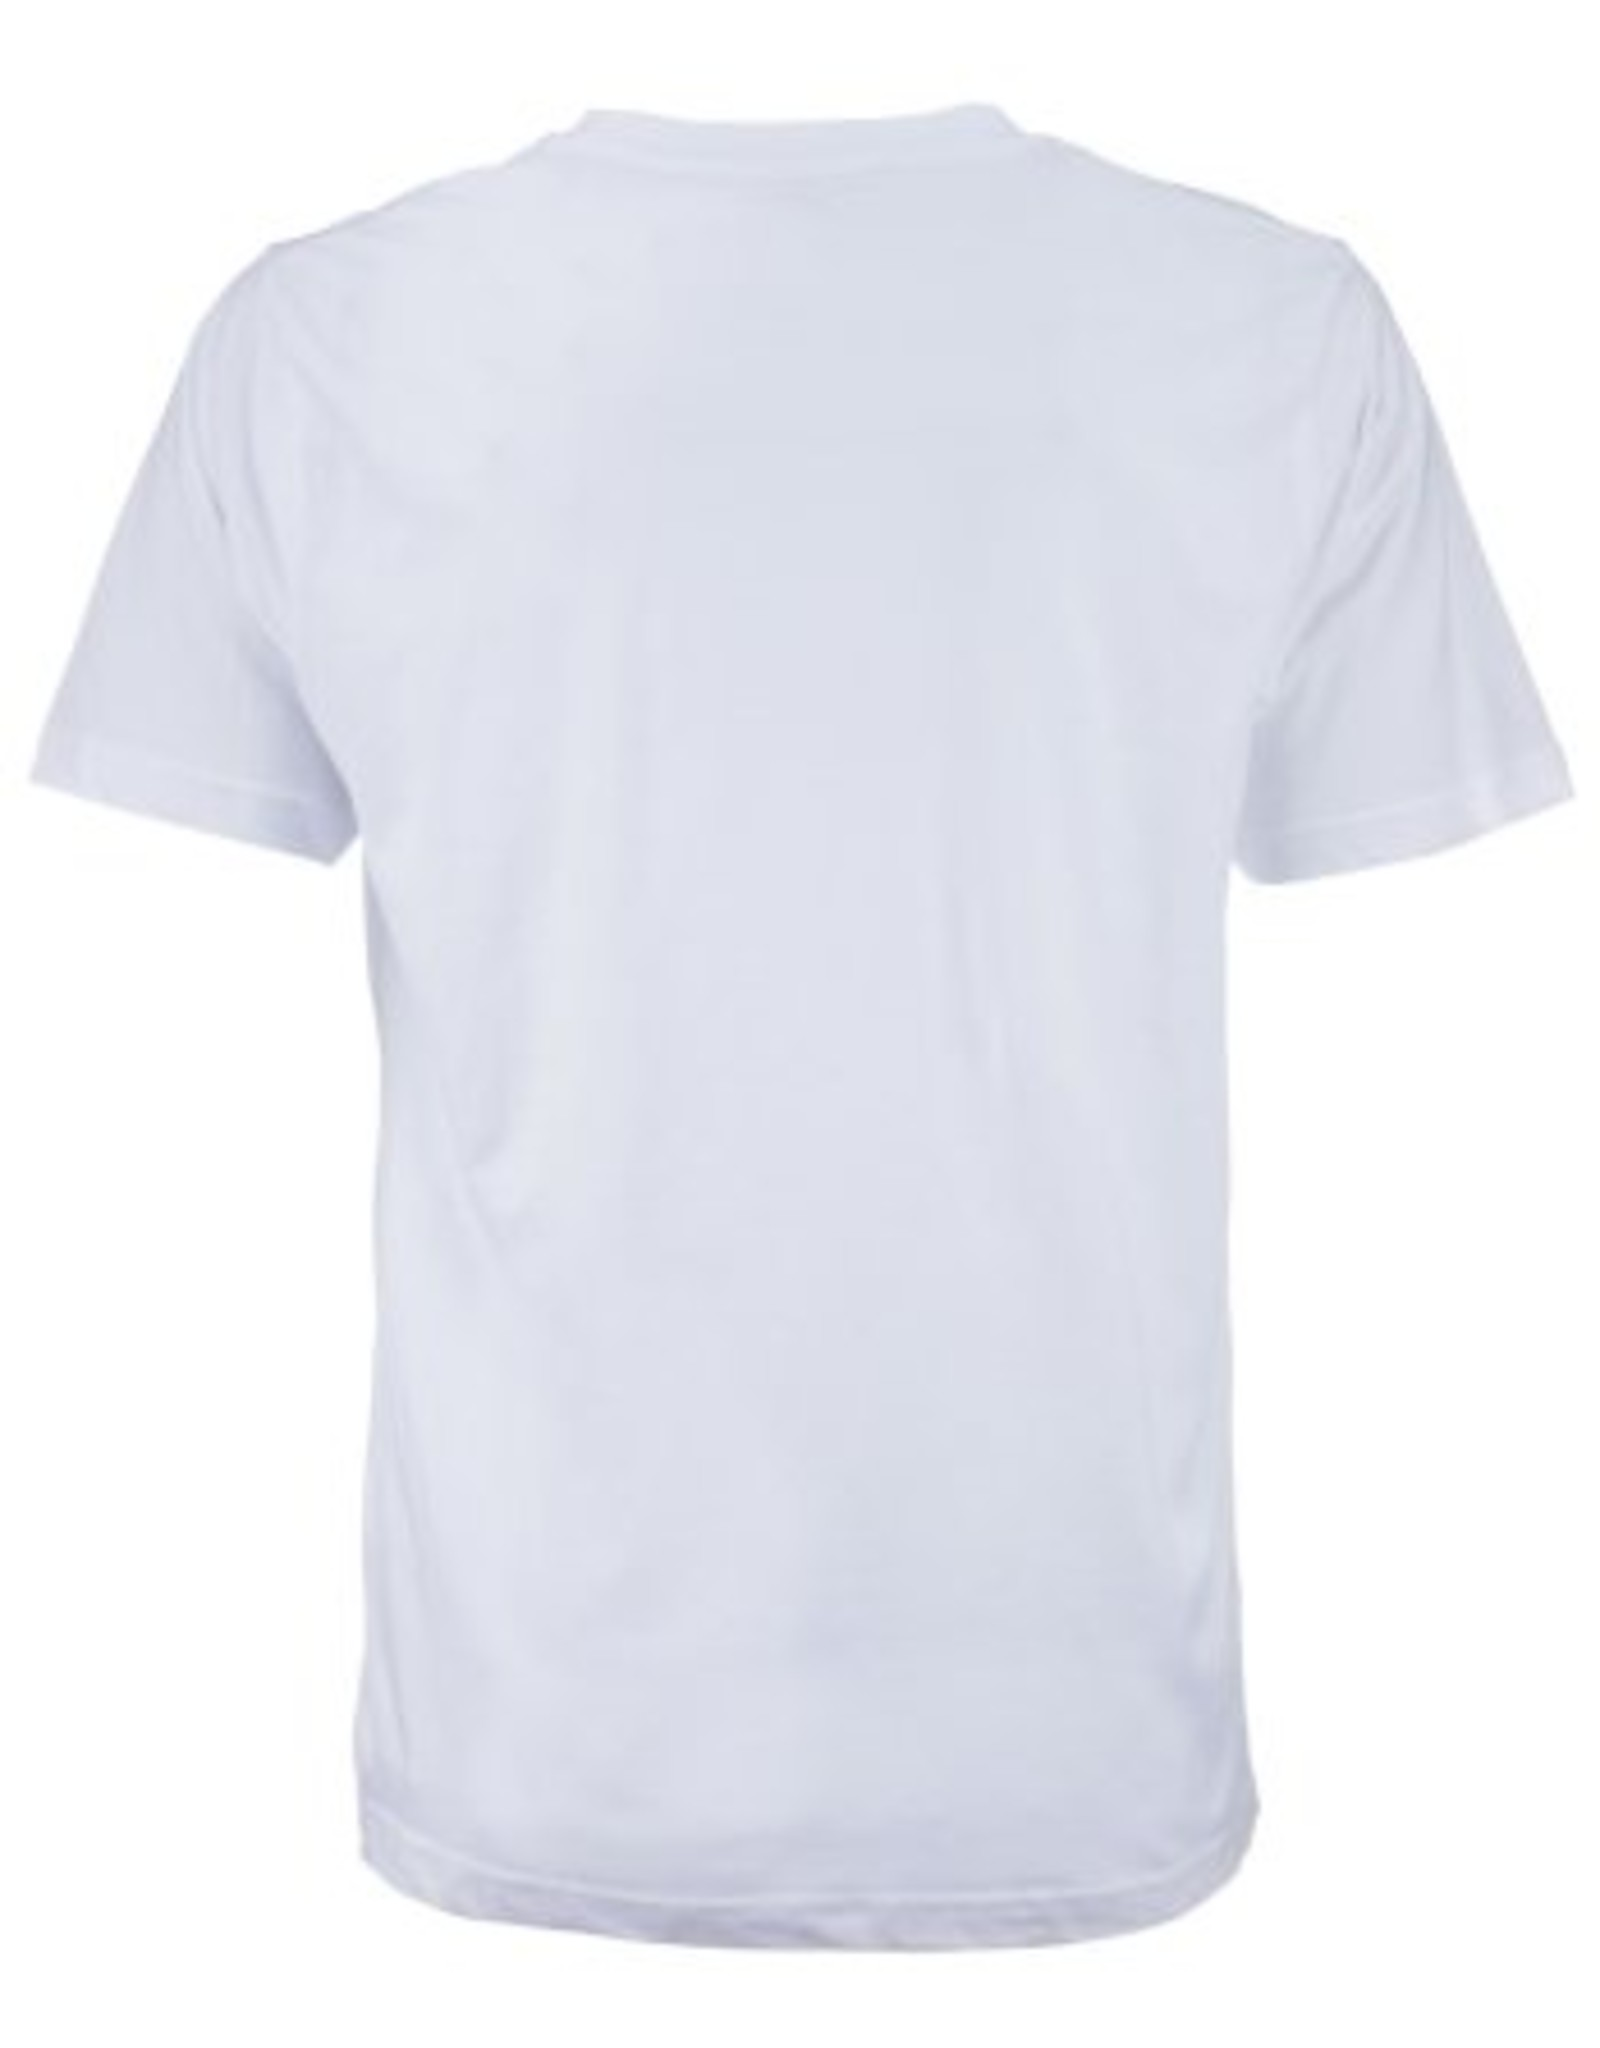 Dickies Dickies Brownsville T-shirt